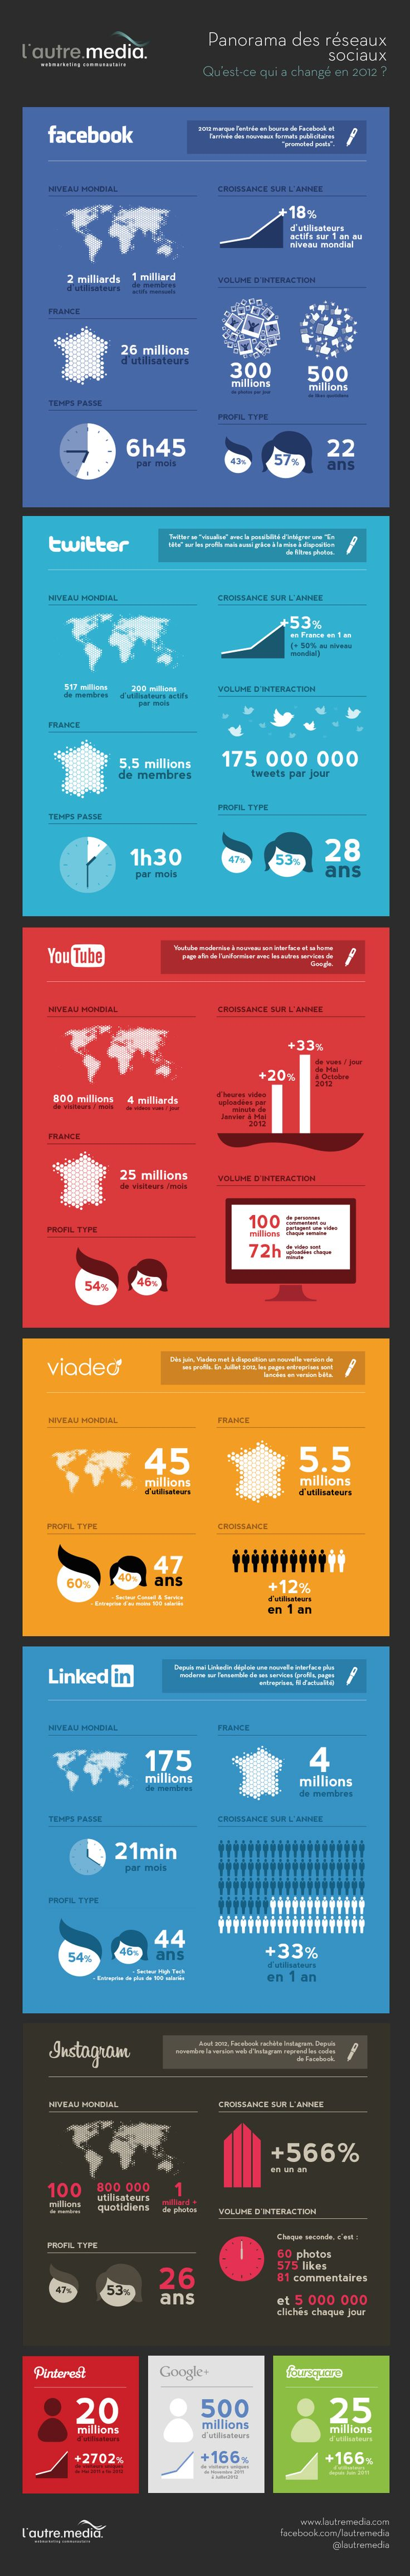 Que s'est il passé sur les médias sociaux en 2012 ?